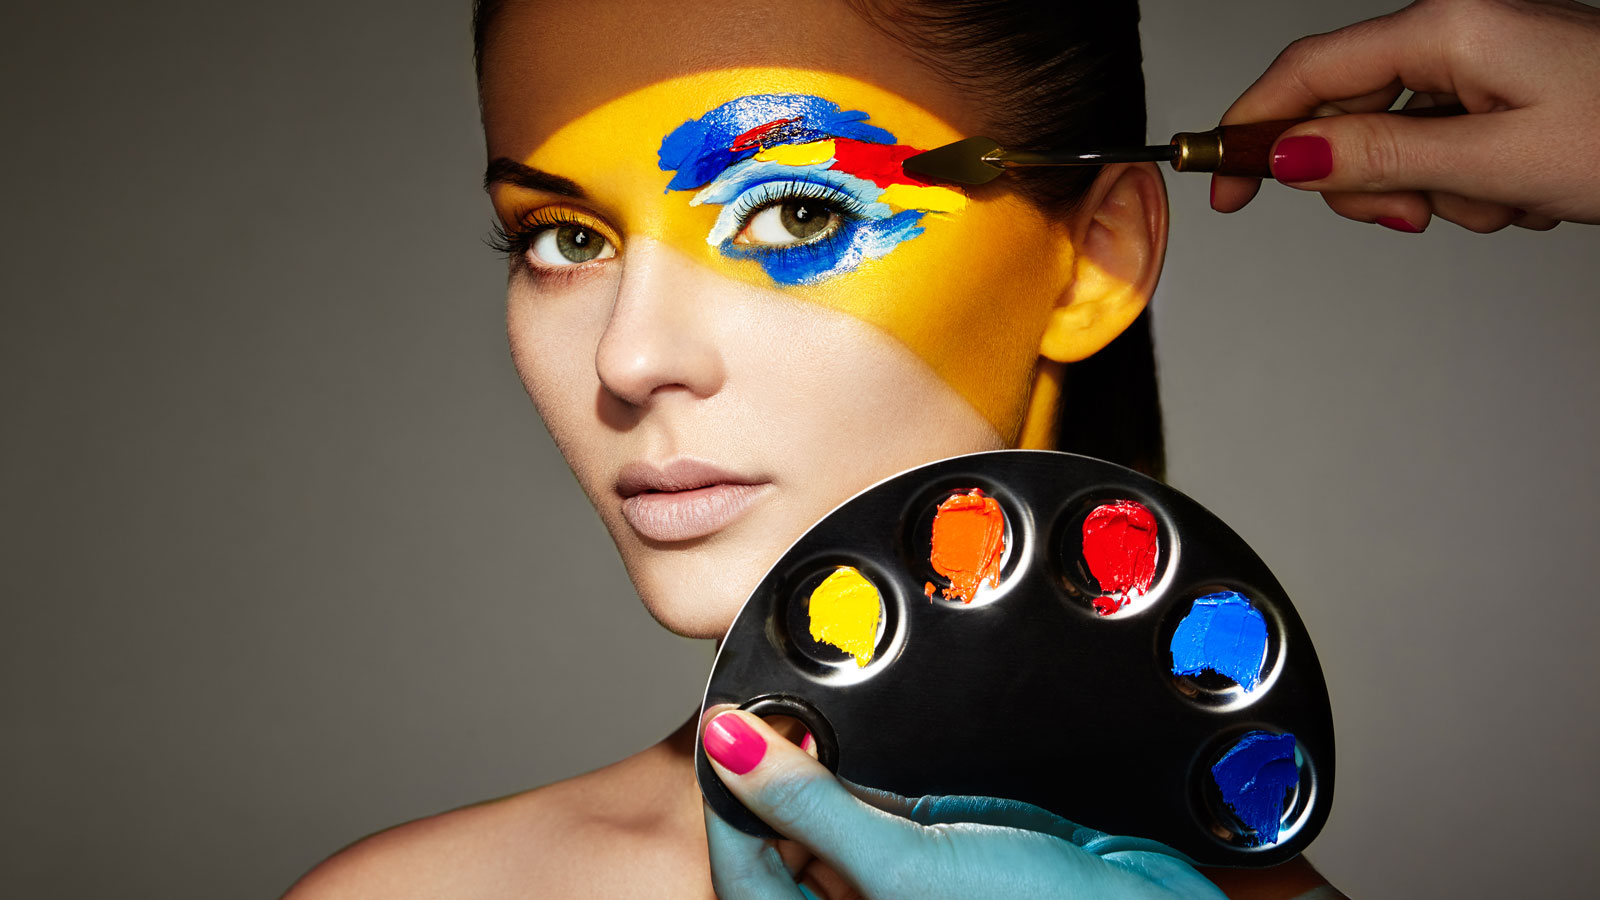 Jak Polacy zaopatrują się w kosmetyki? beauty mediarun makeup farby kobieta 2020